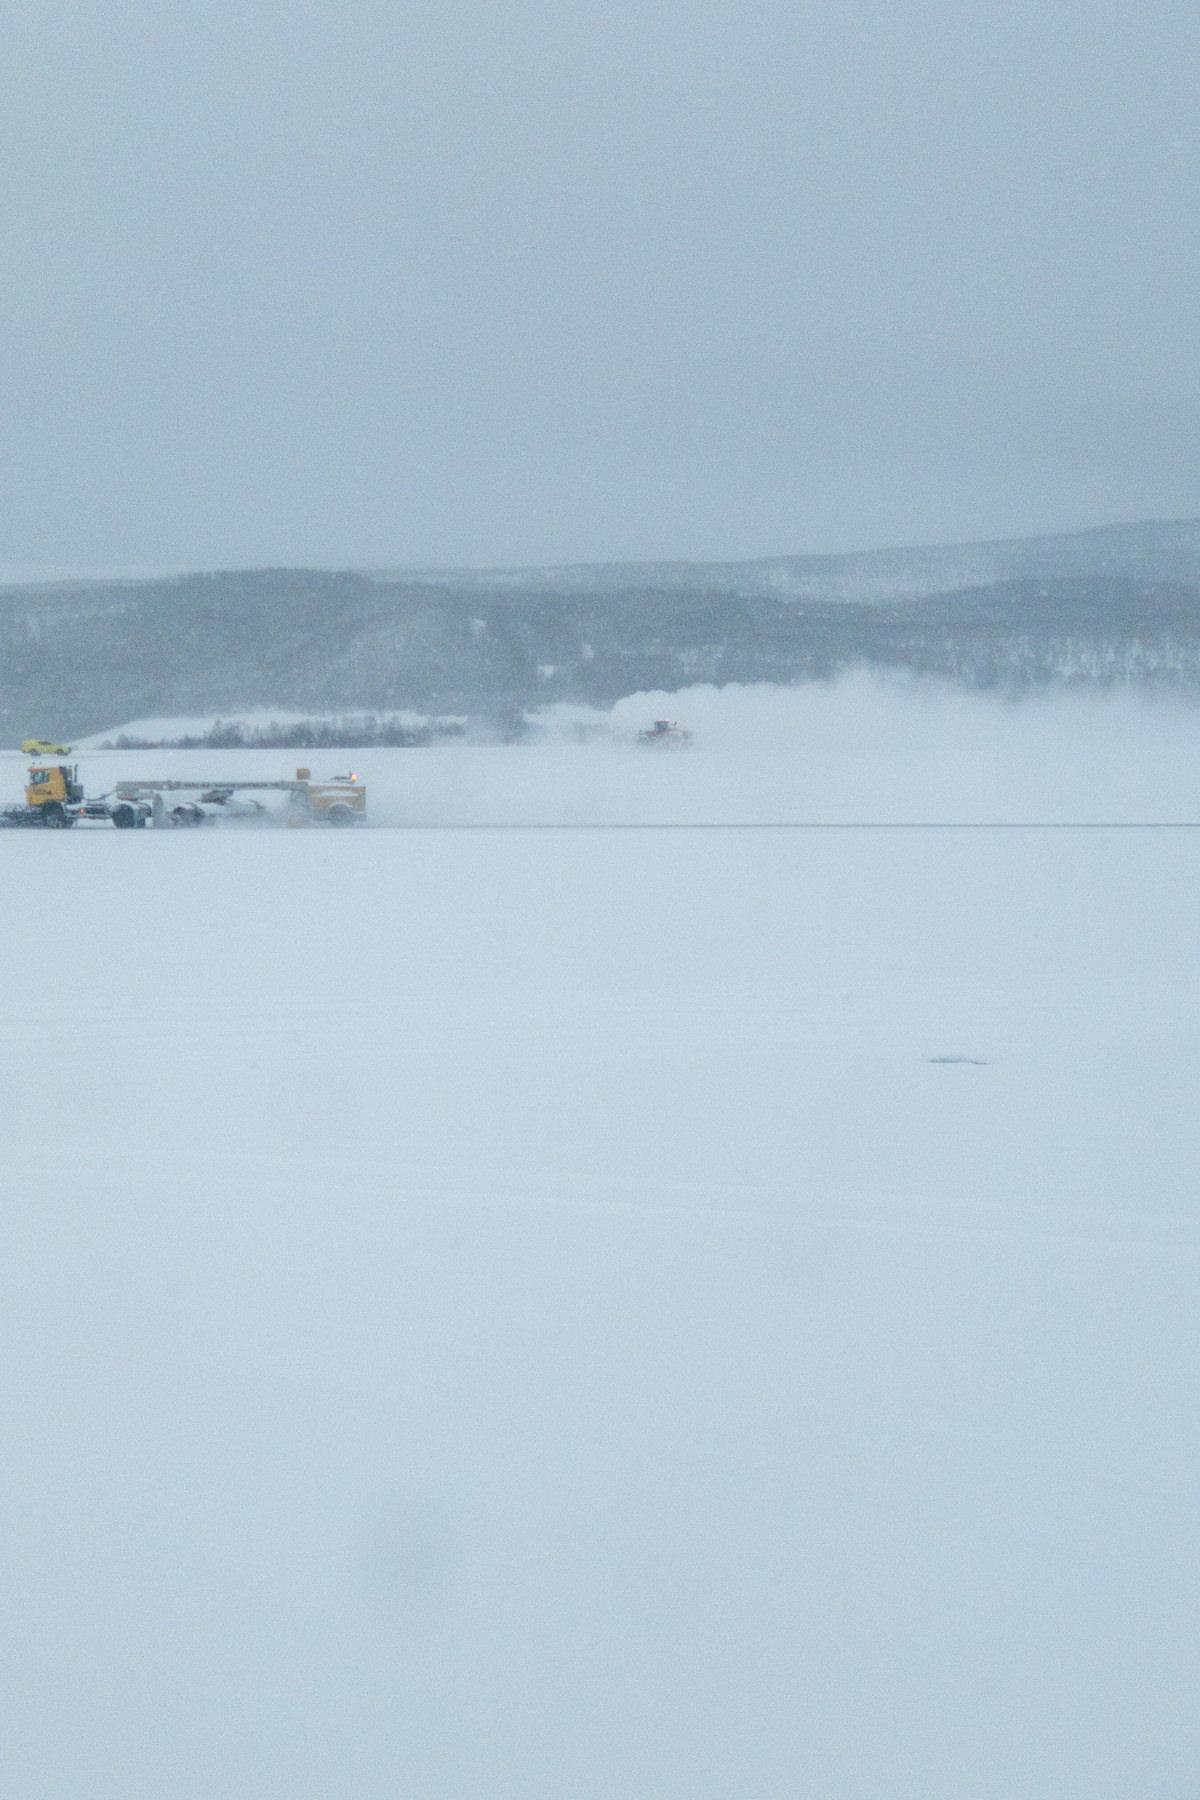 Flughafen - zugeschneit